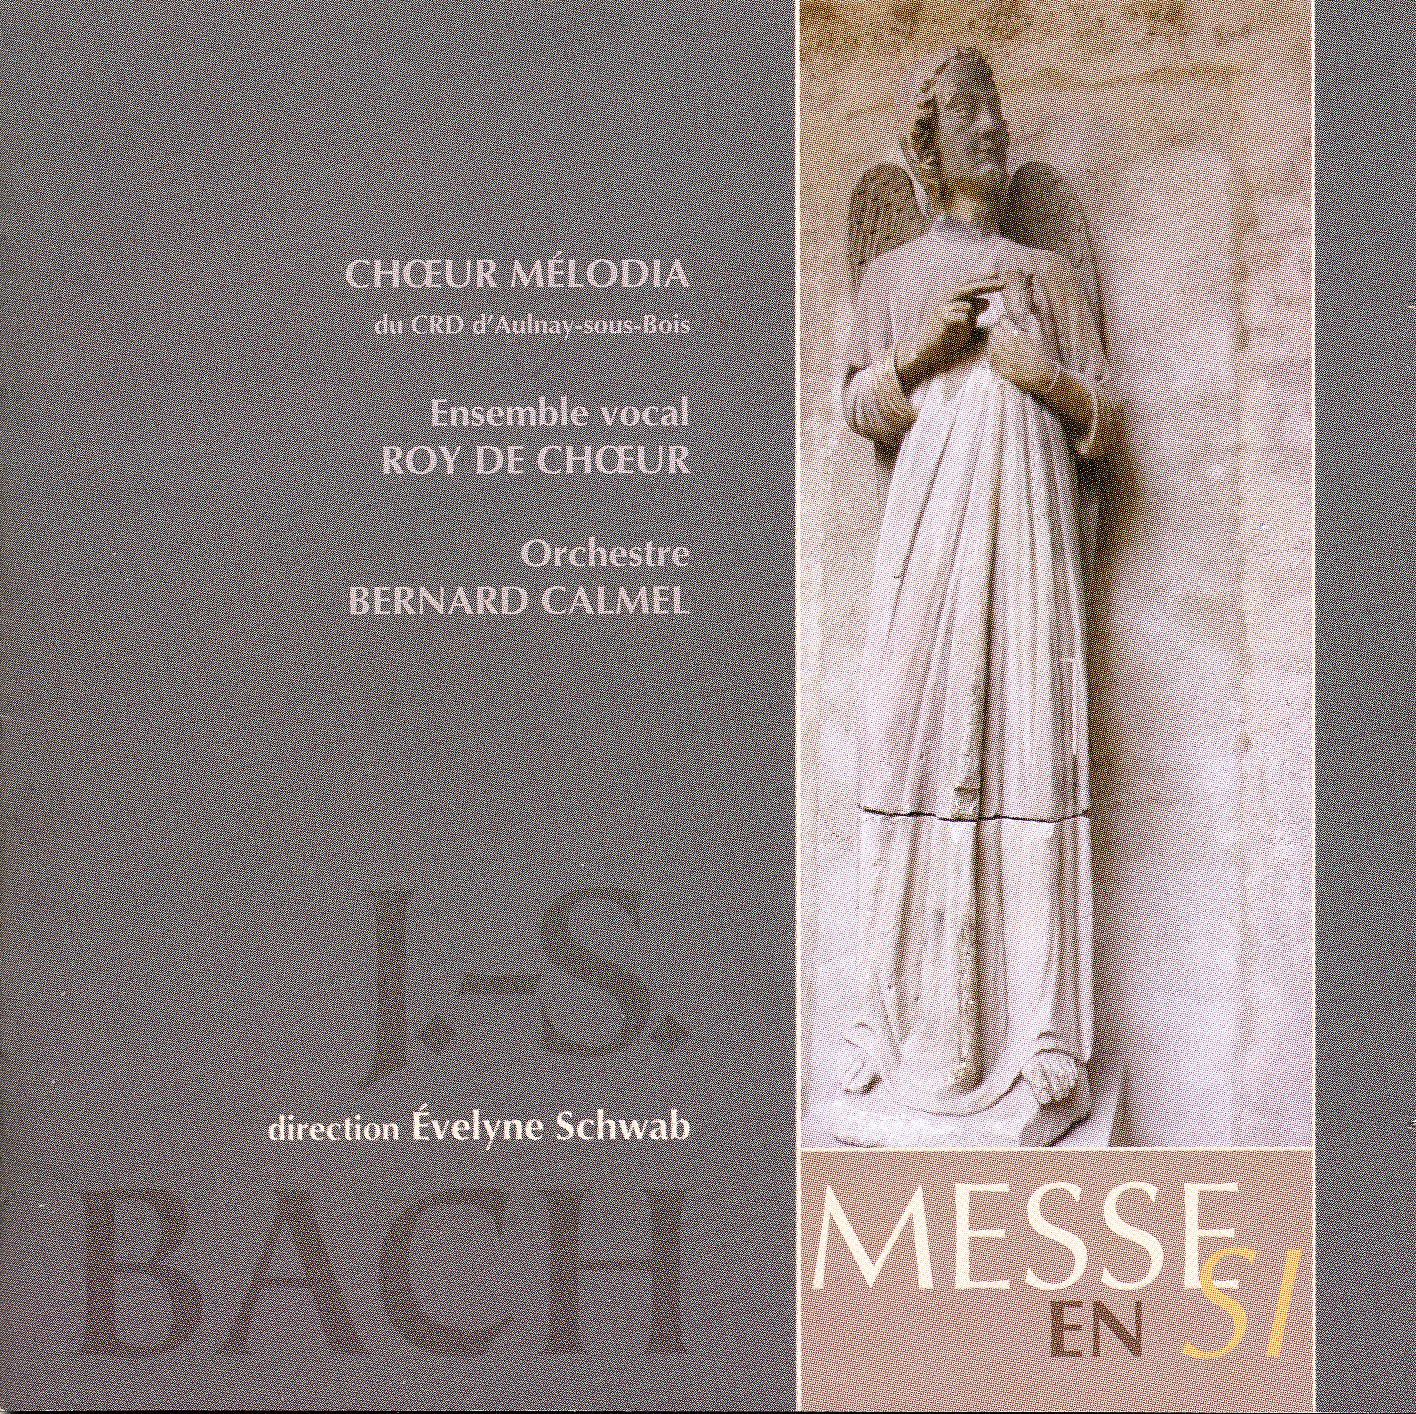 La Messe en si de J.S. Bach